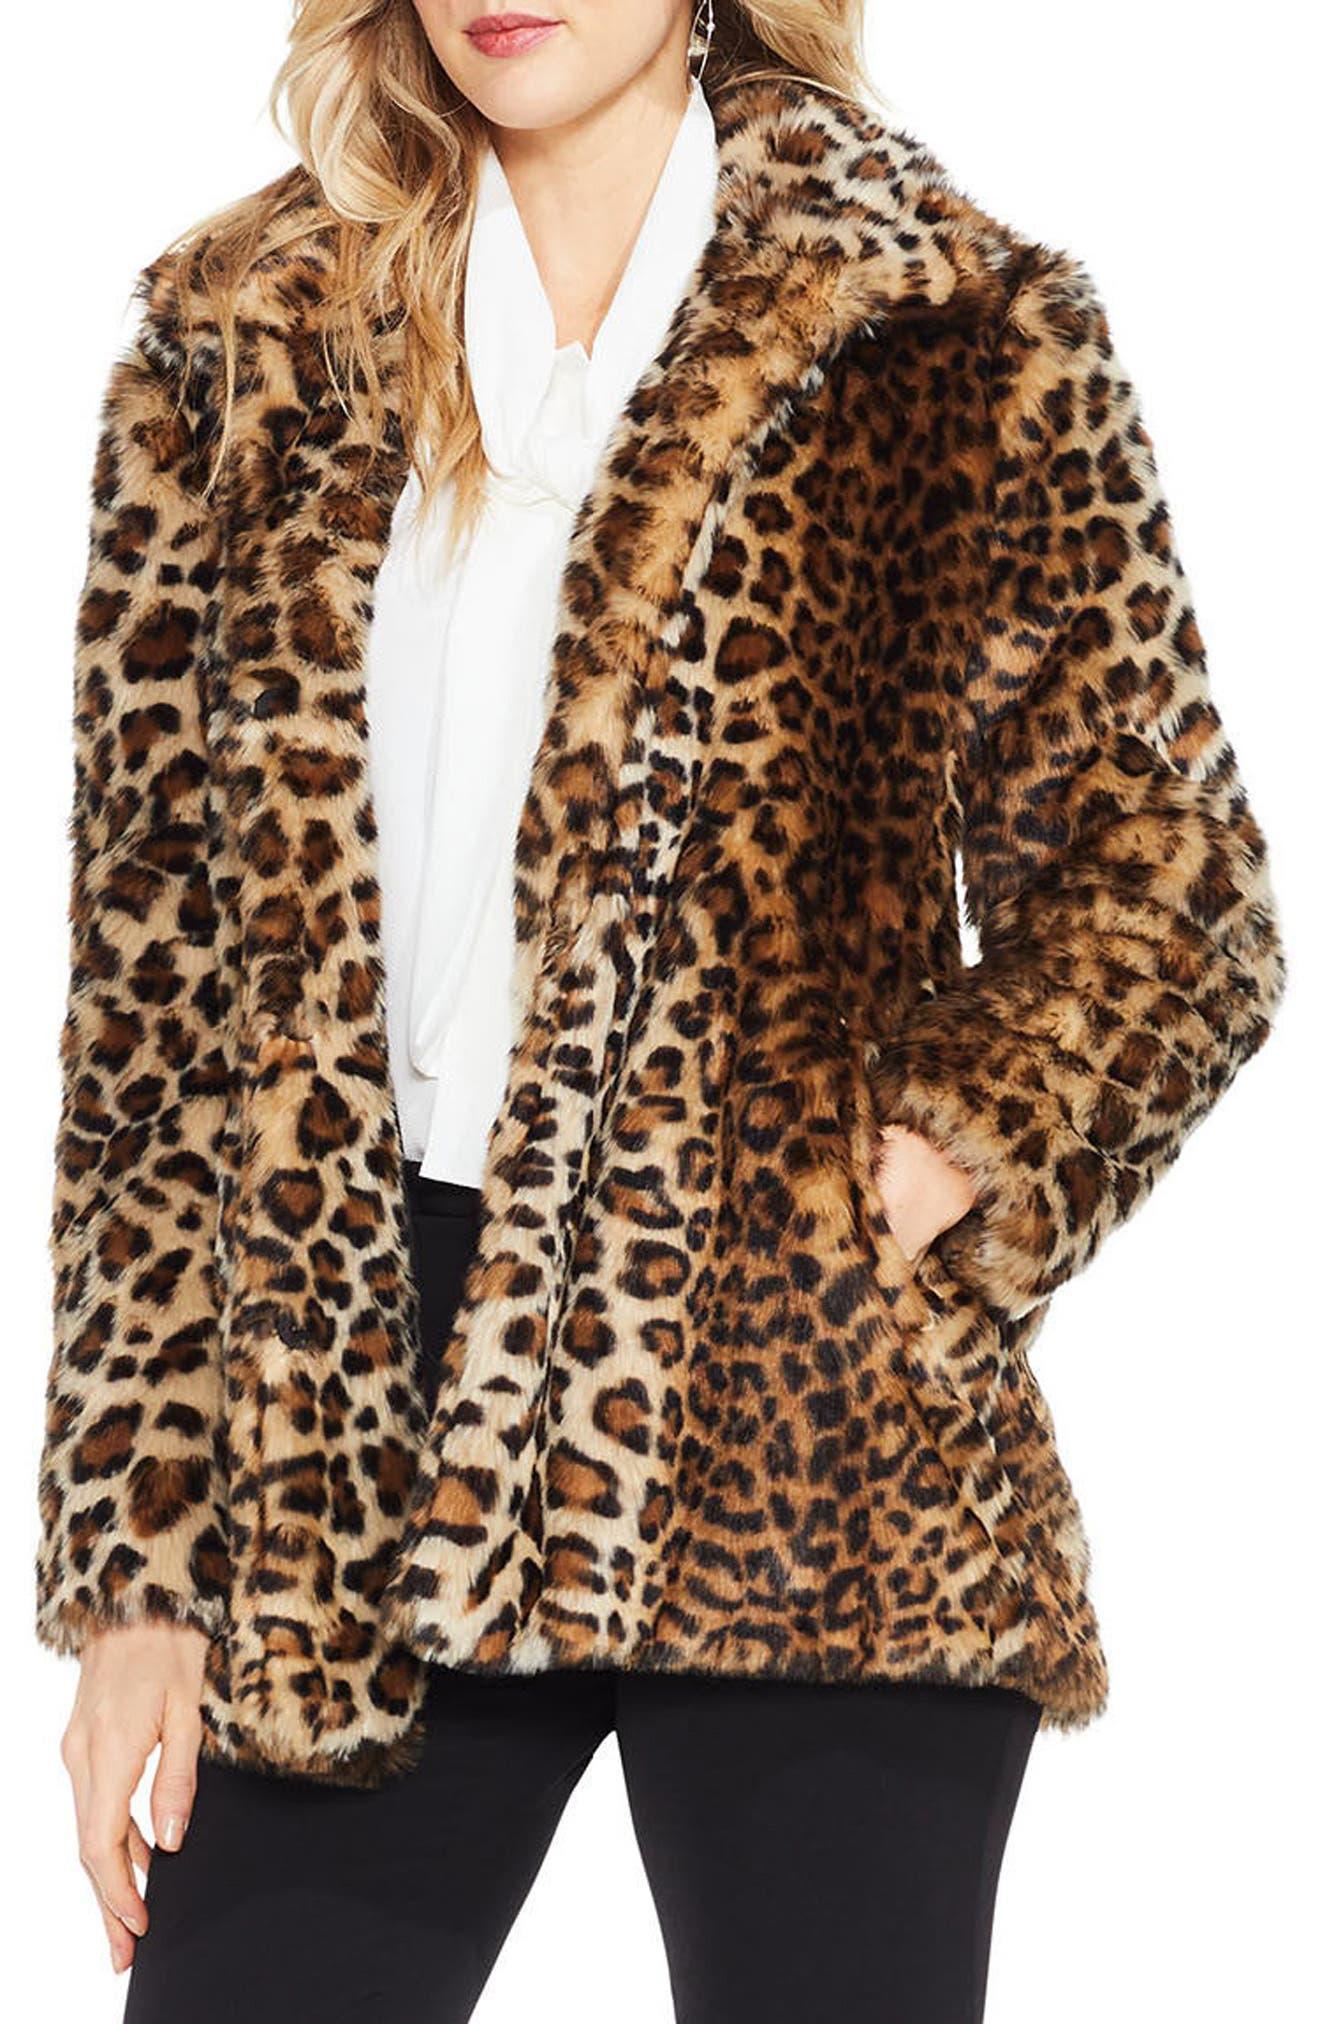 Leopard Print Faux Fur Jacket,                         Main,                         color, Warm Camel